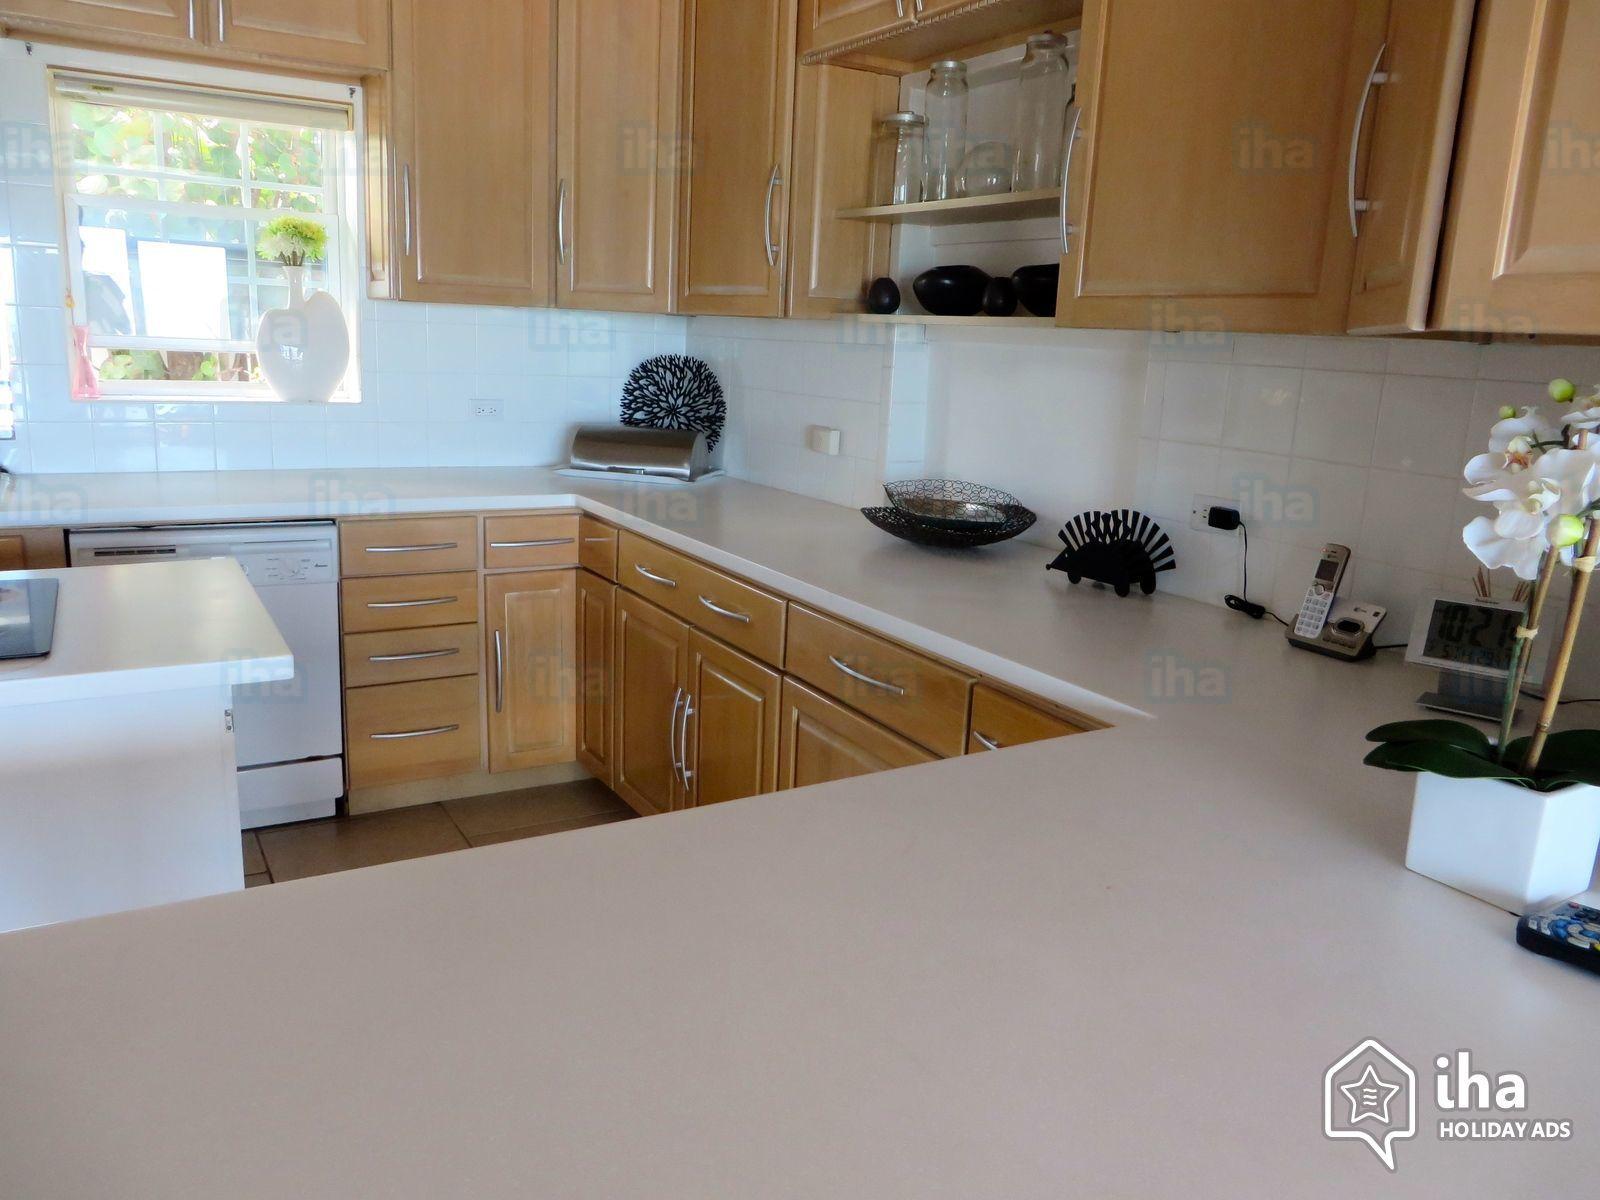 Outdoorküche Arbeitsplatte Reinigen : Kitchencountersstuff wie zu reinigen küche arbeitsplatten super